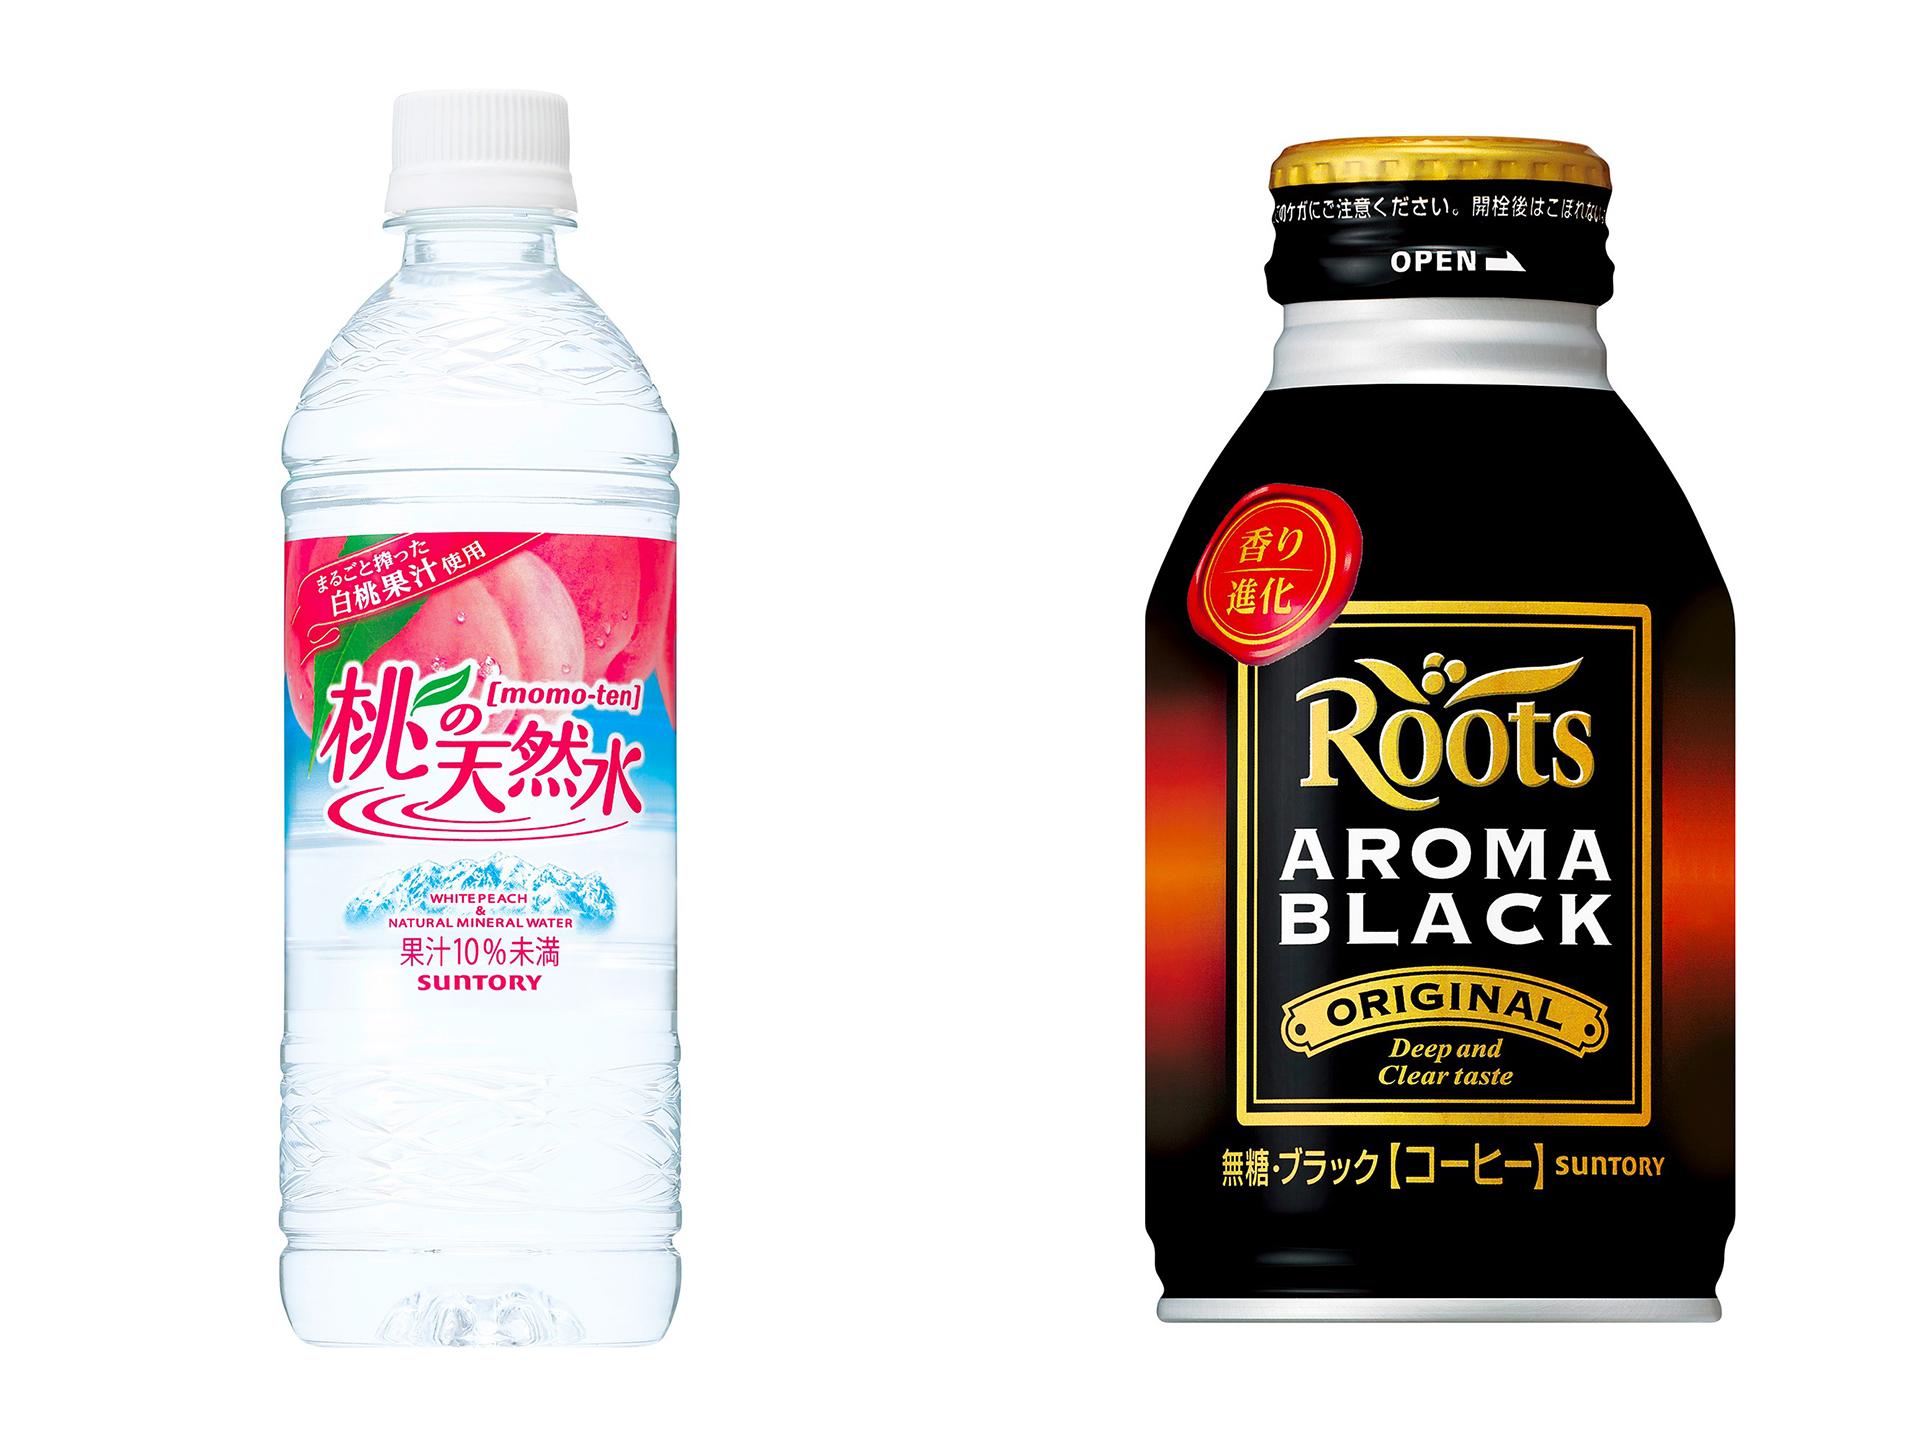 「桃の天然水」「ルーツ」復活ッ! 全国セブンイレブンなどで限定販売